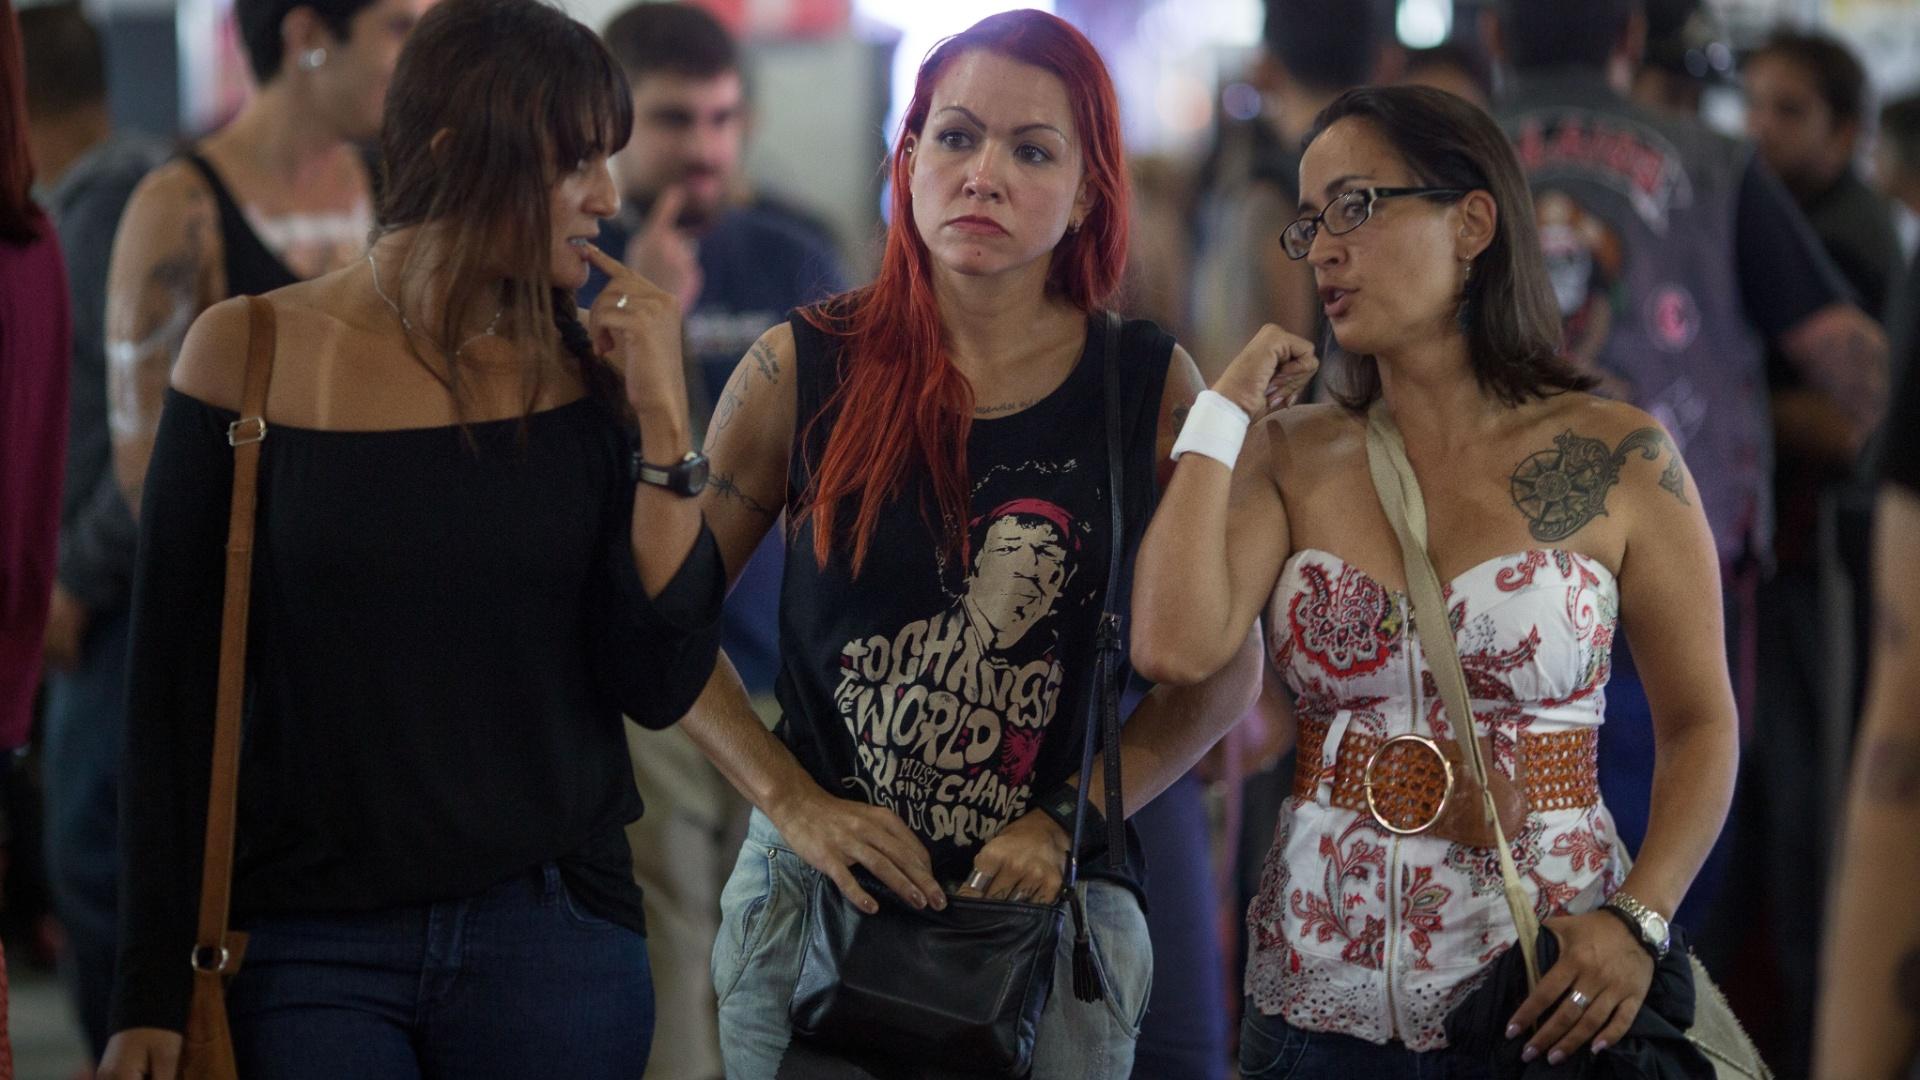 Cantor Todo Tatuado Brasileiro tatuagens das gatas do brasileiro - fotos - uol esporte